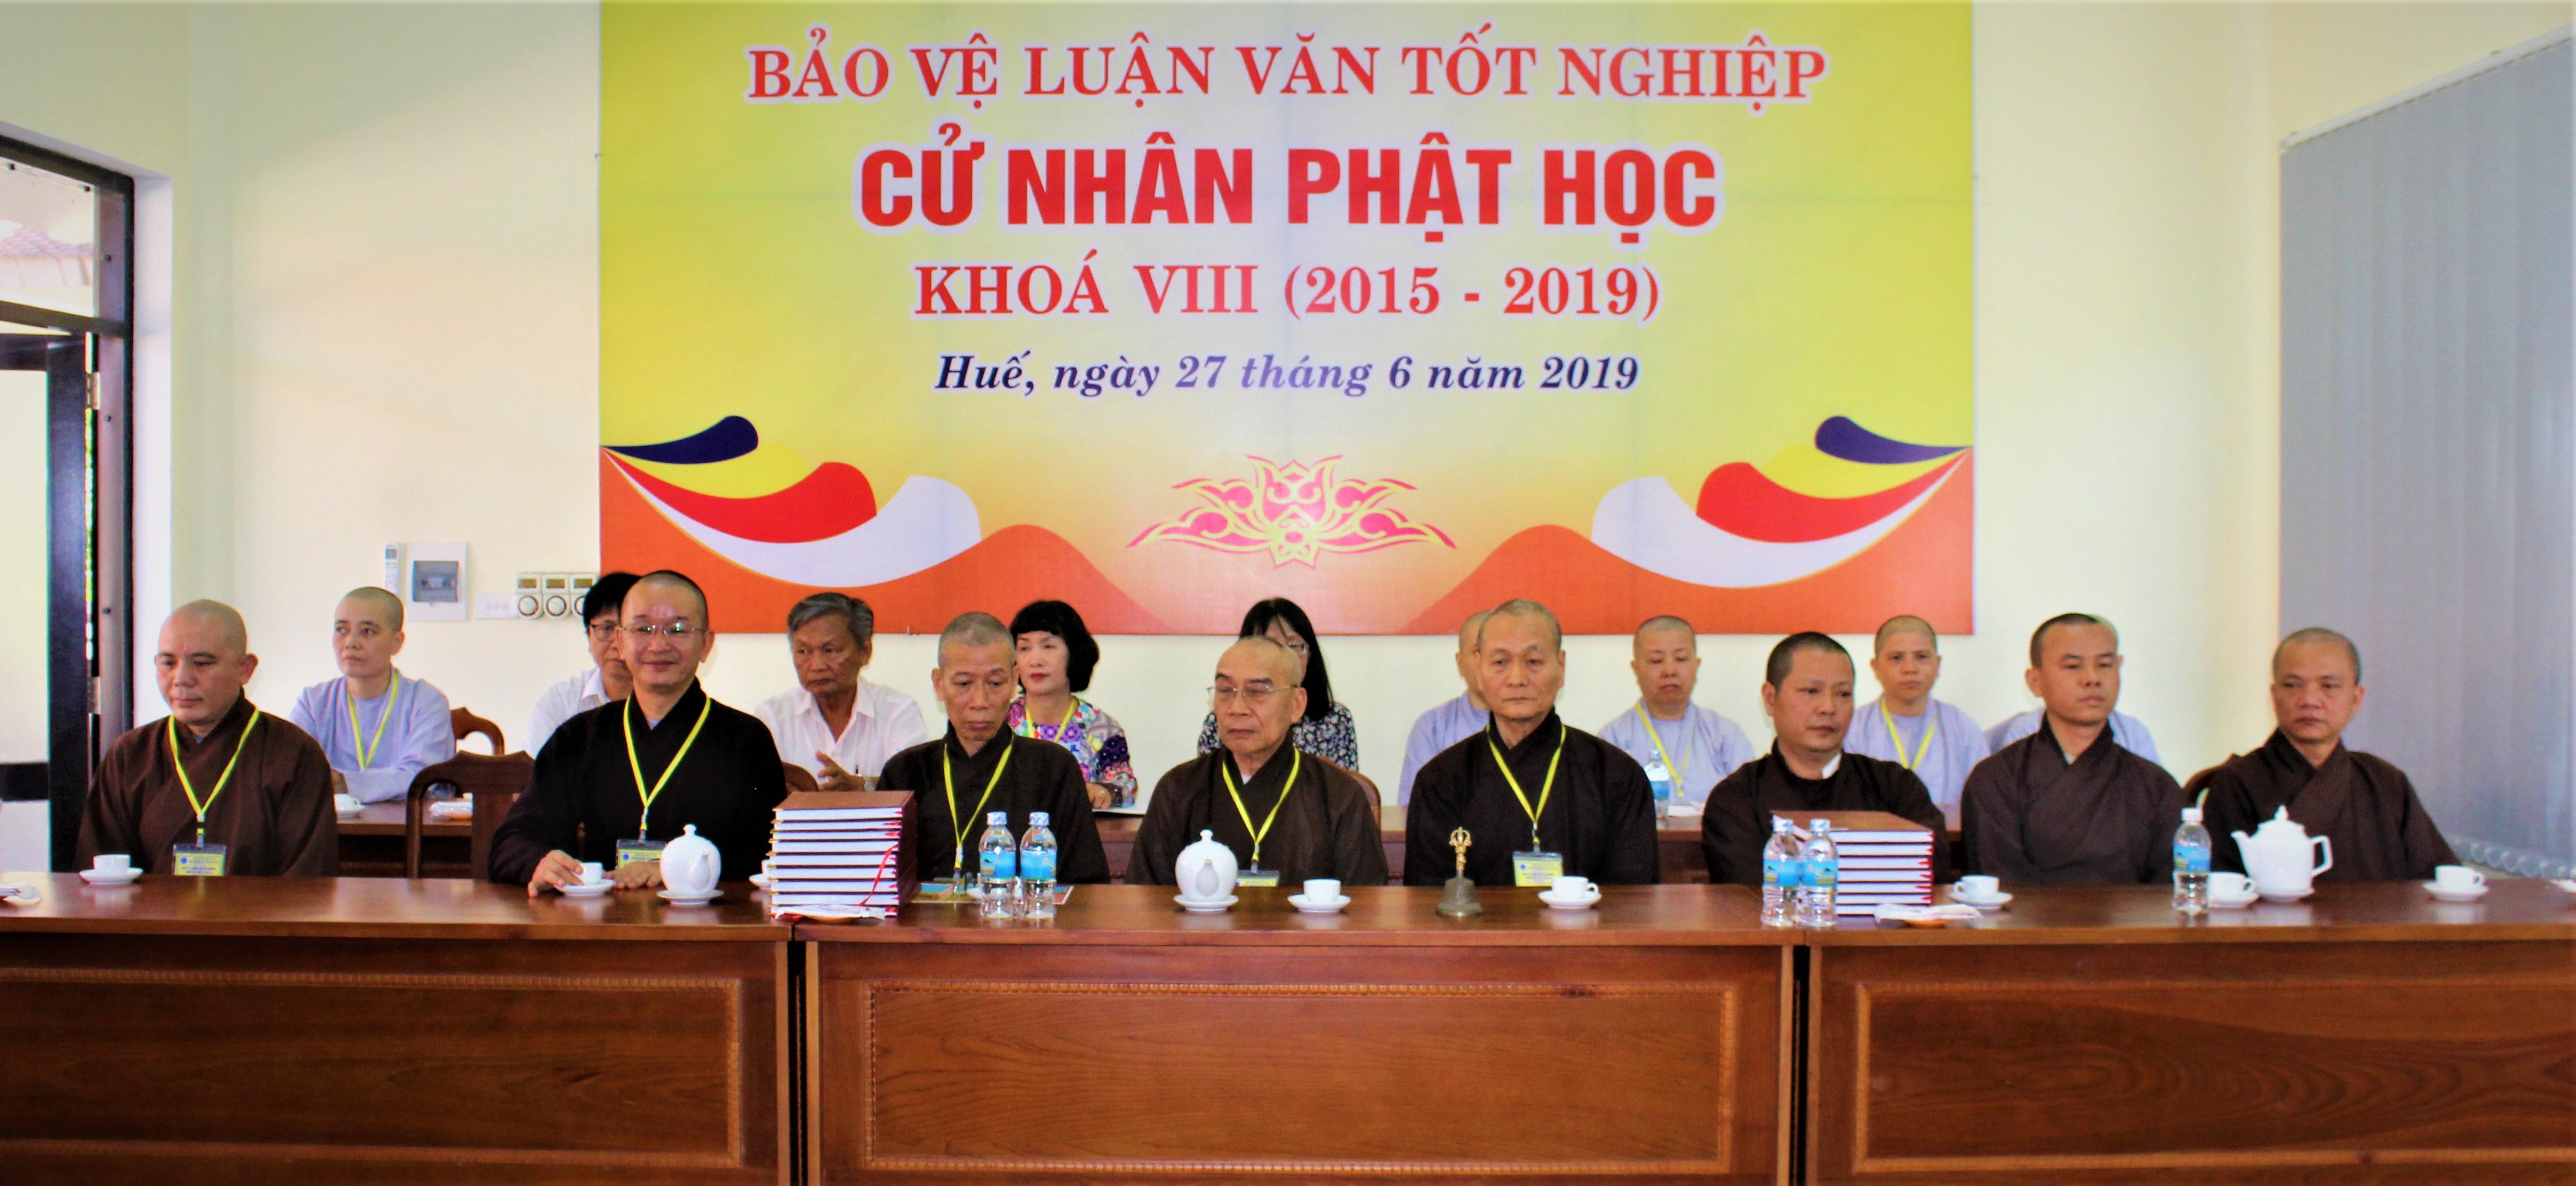 Bảo vệ luận văn Tốt nghiệp Cử nhân Phật học khóa VIII